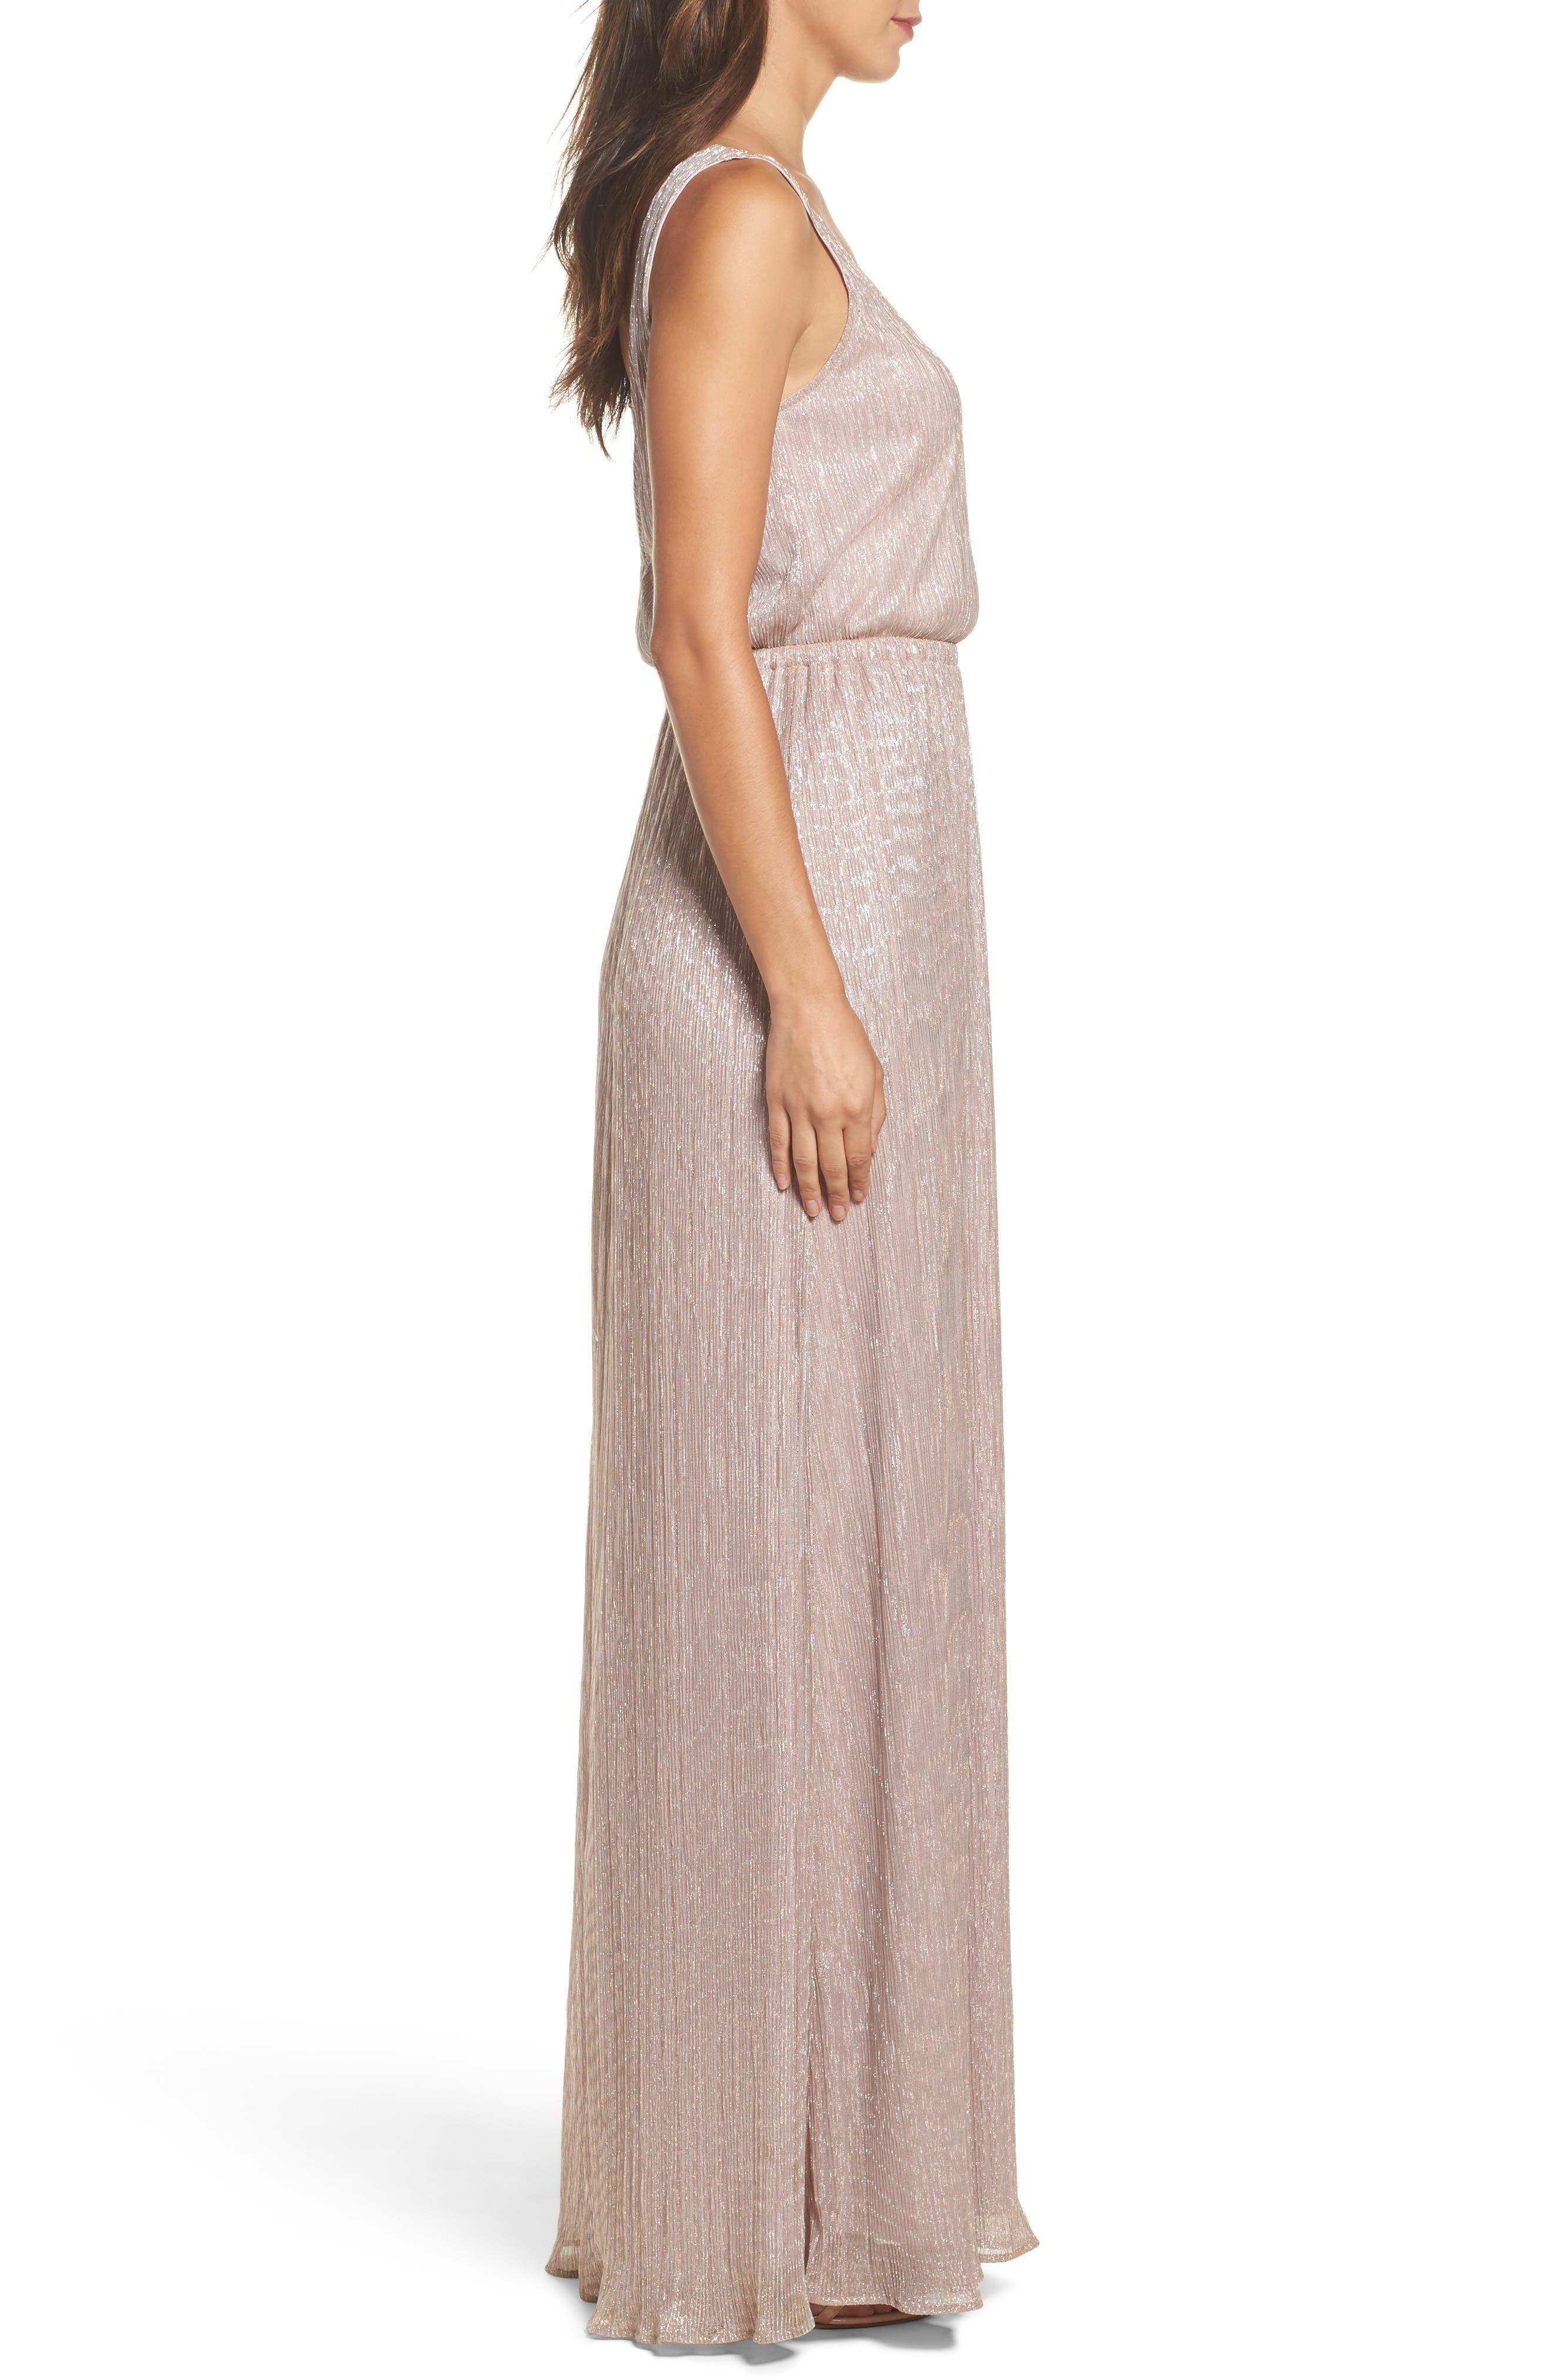 Kendall Blouson Maxi Dress,                             Alternate thumbnail 3, color,                             Magic Muave Glitter